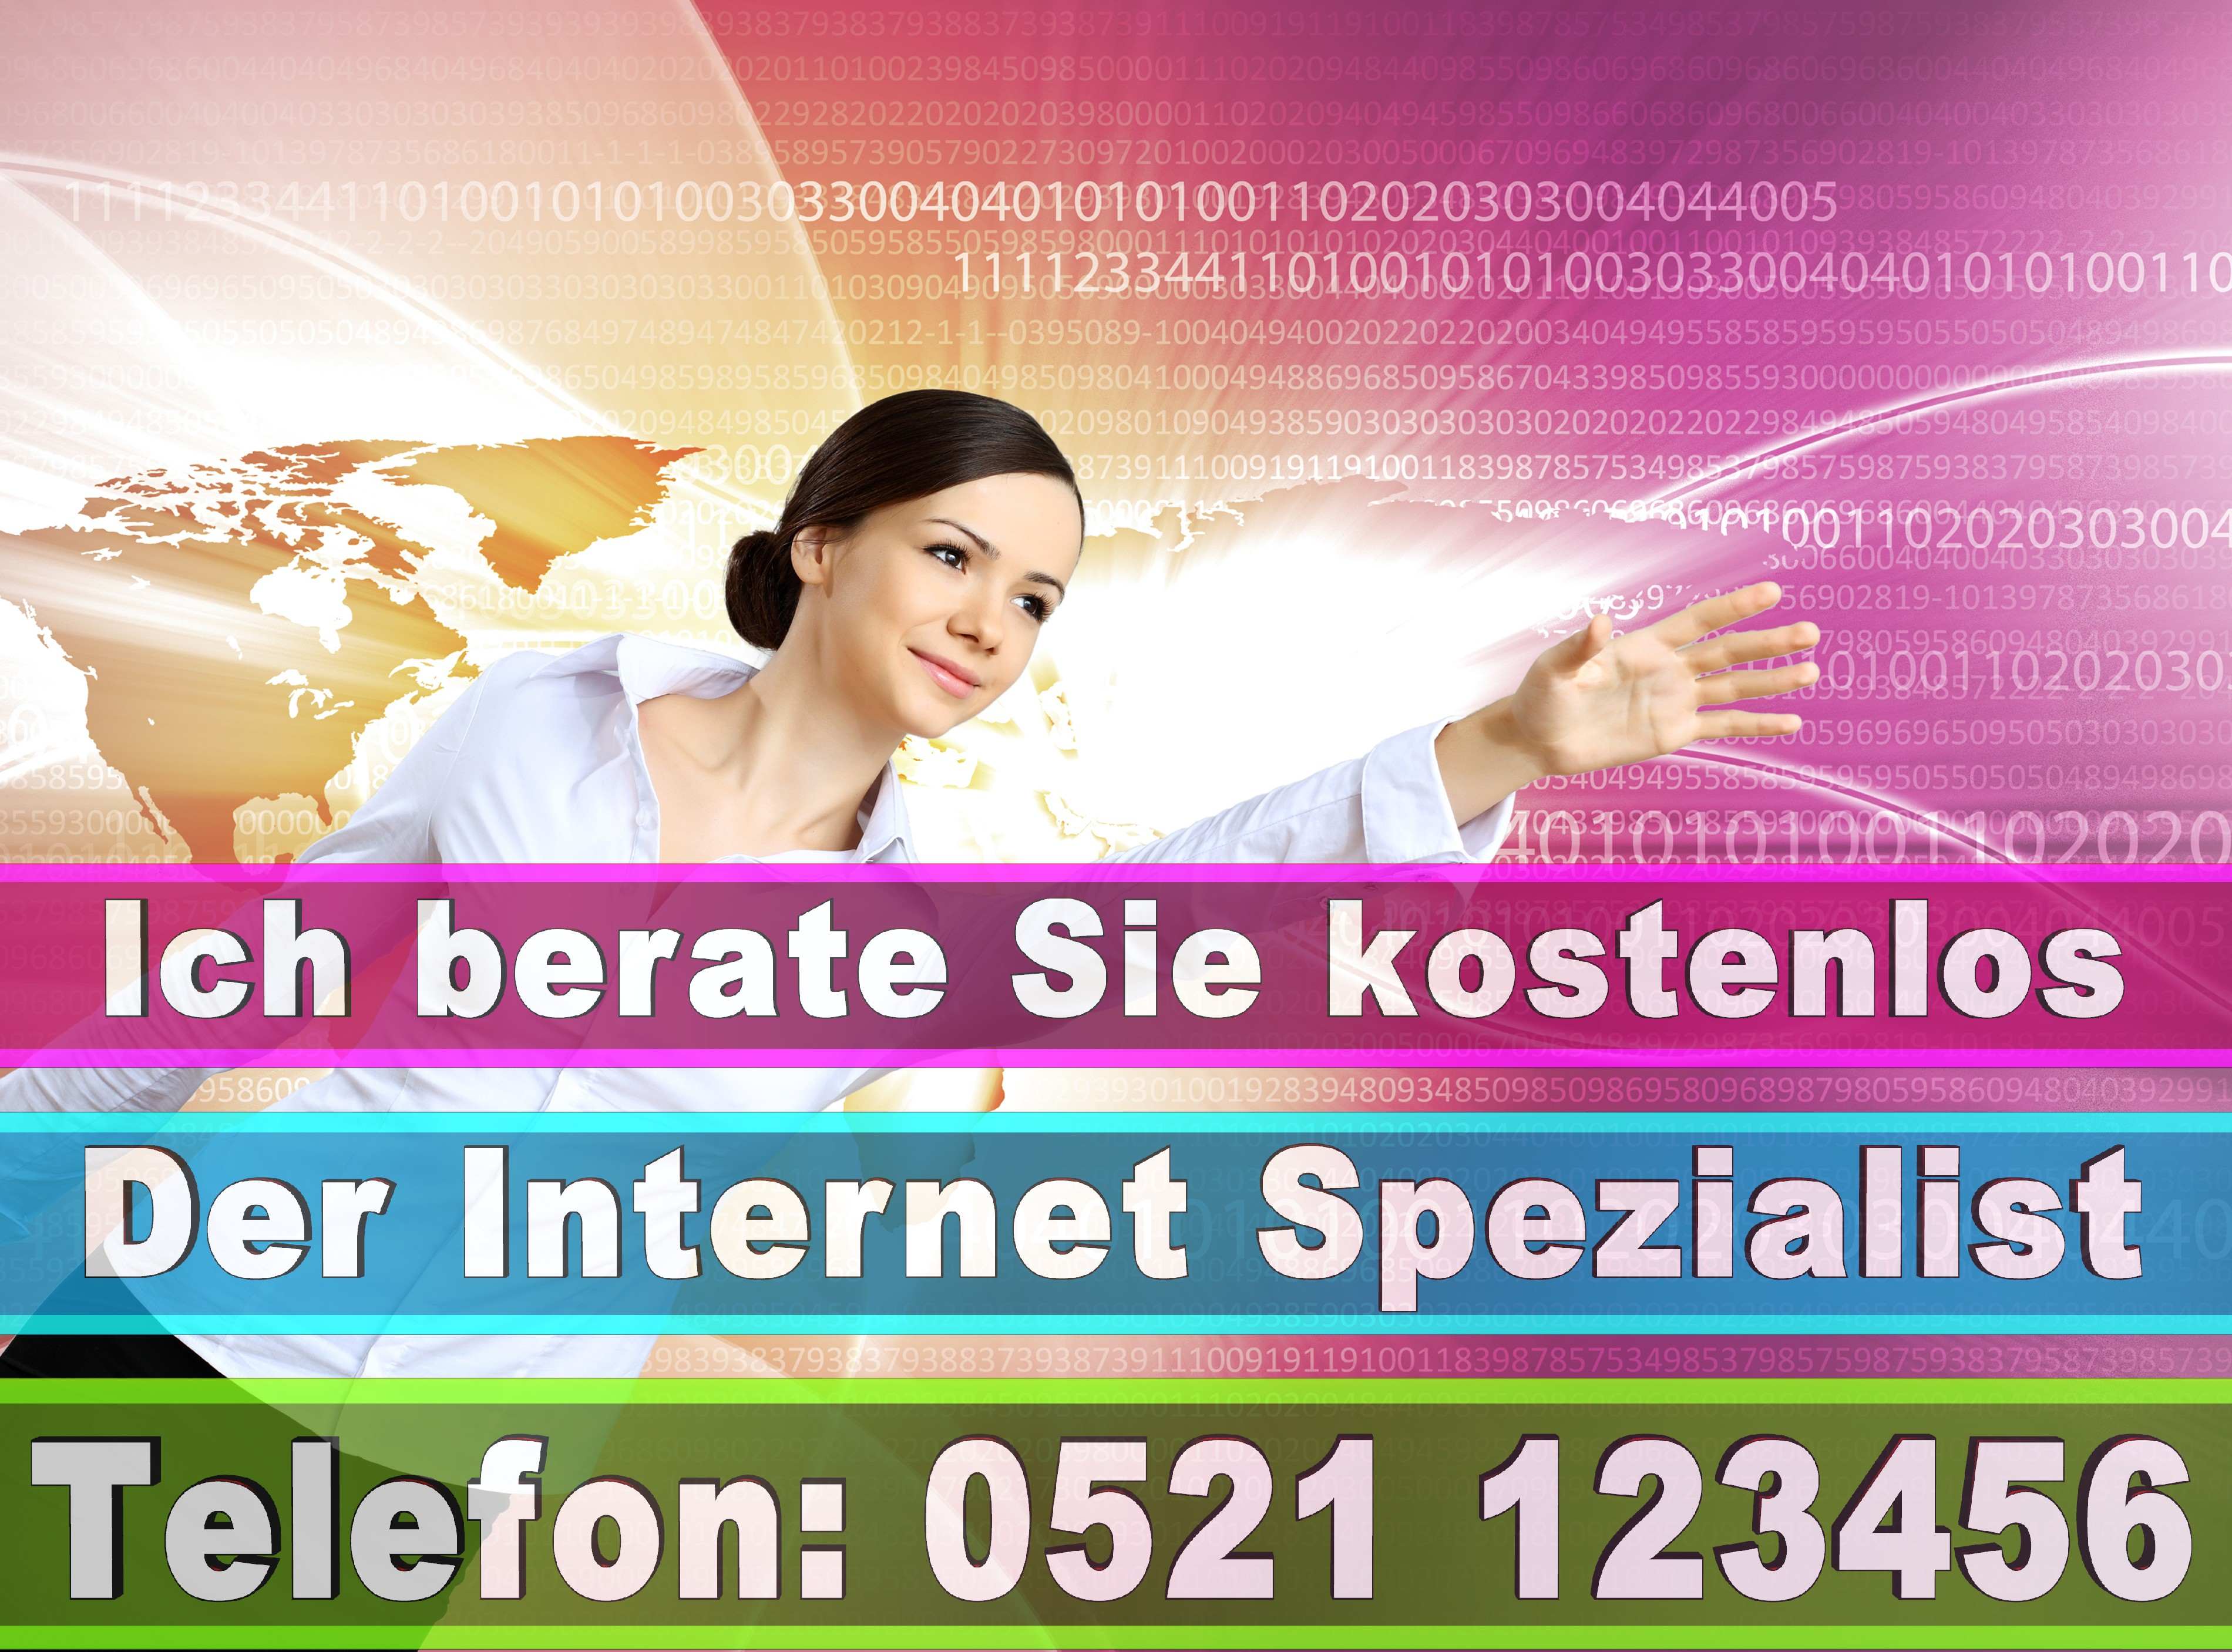 Rechtsanwalt Bielefeld Gütersloh Detmold Paderborn Münster Osnabrück Dortmund Essen Düsseldorf Köln Berlin Hamburg (1)